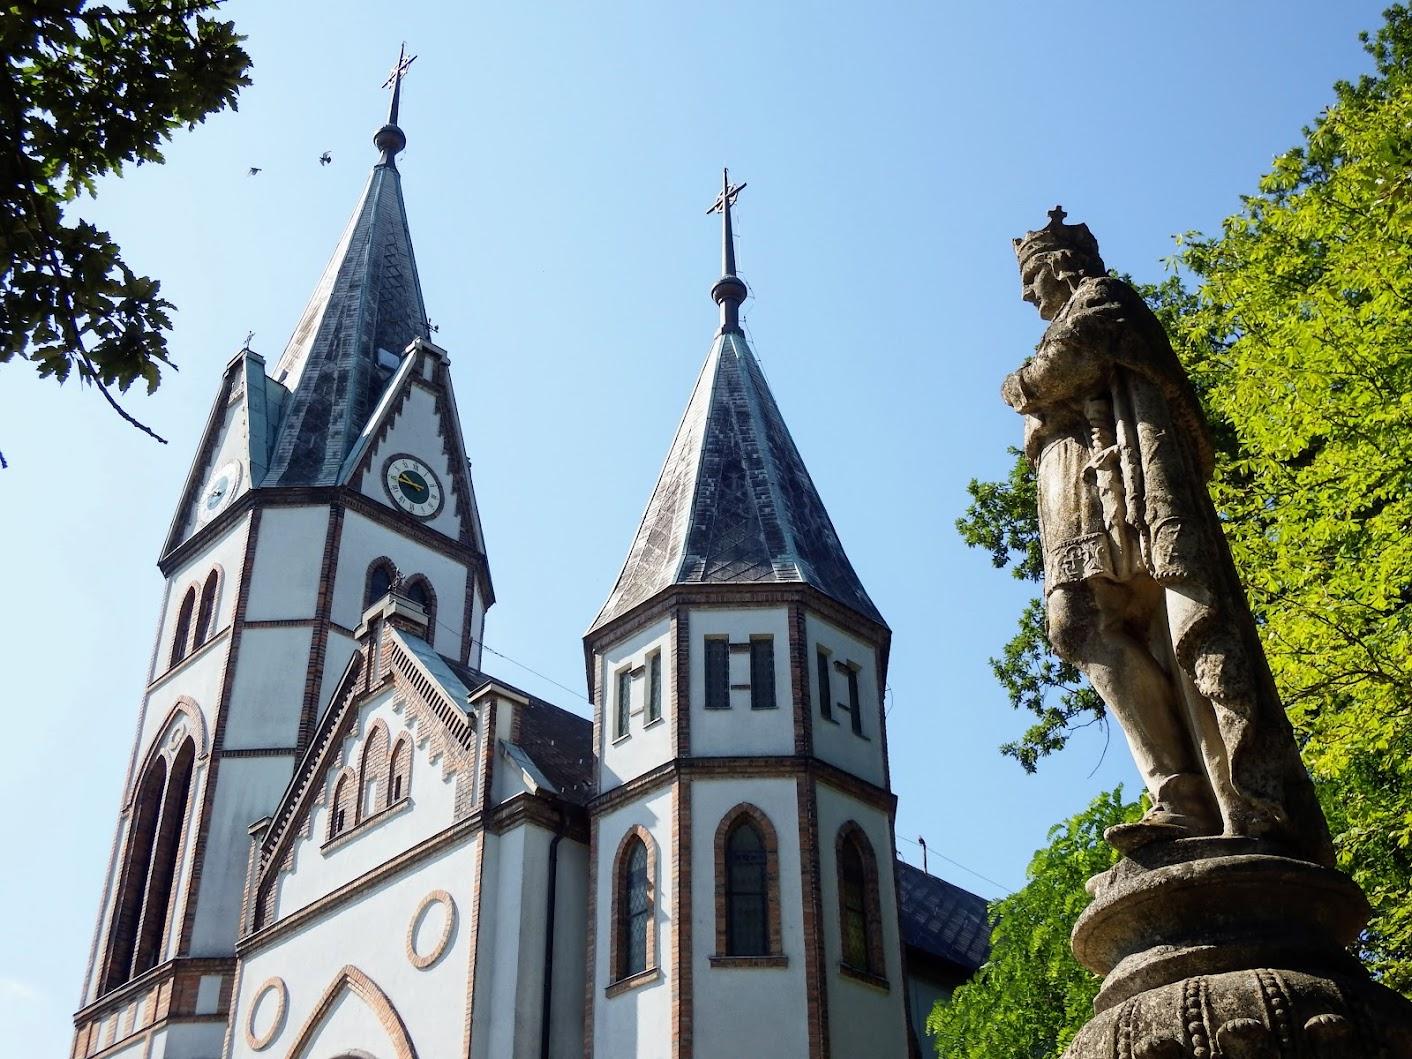 Tatabánya - Szent Imre-szobor a Szent István-templom mellett a Május 1. parkban